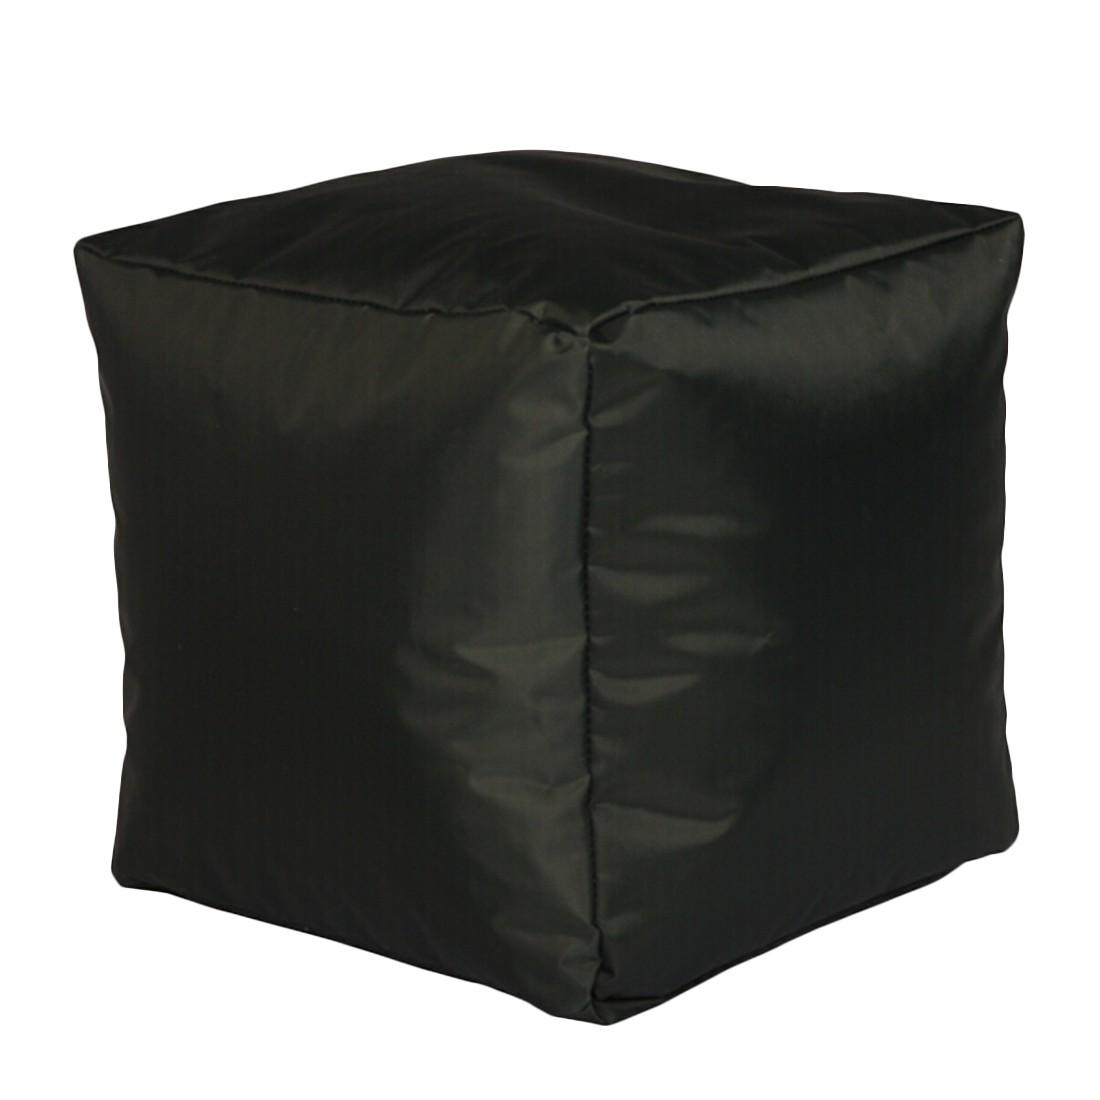 Sitzwürfel Nylon Anthrazit klein – 40 x 40 cm, KC-Handel günstig kaufen